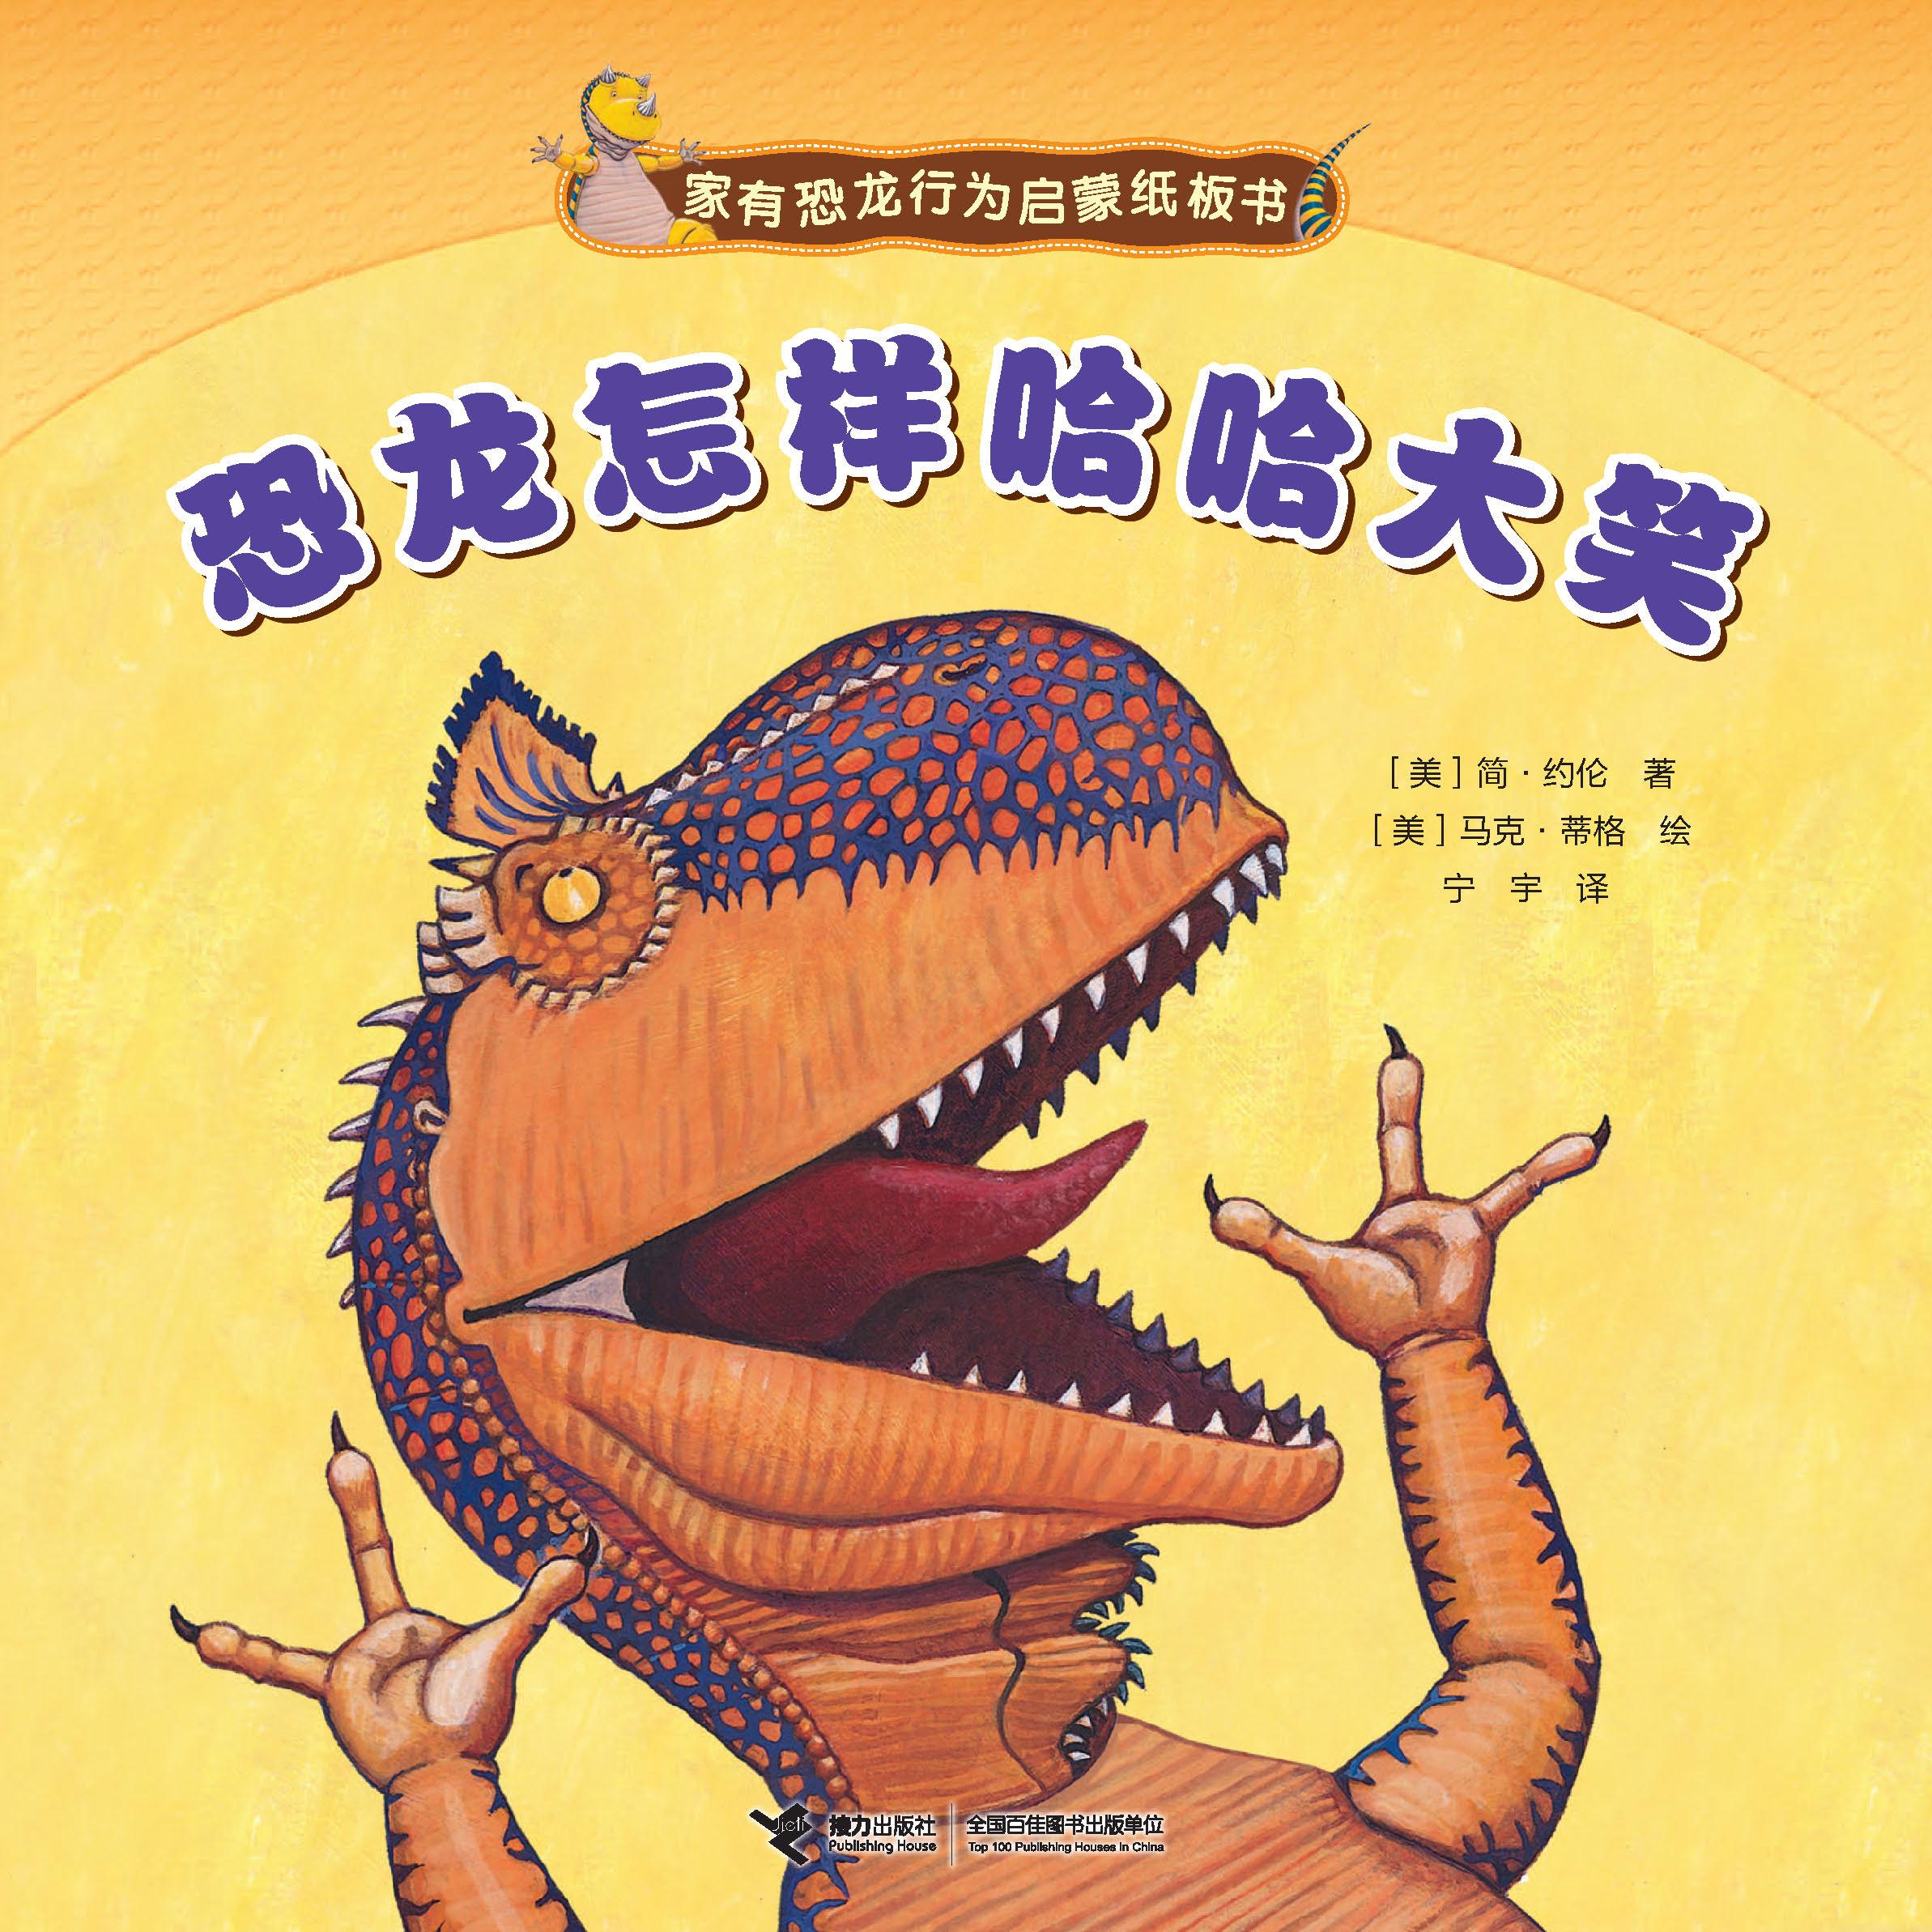 恐龍怎樣哈哈大笑